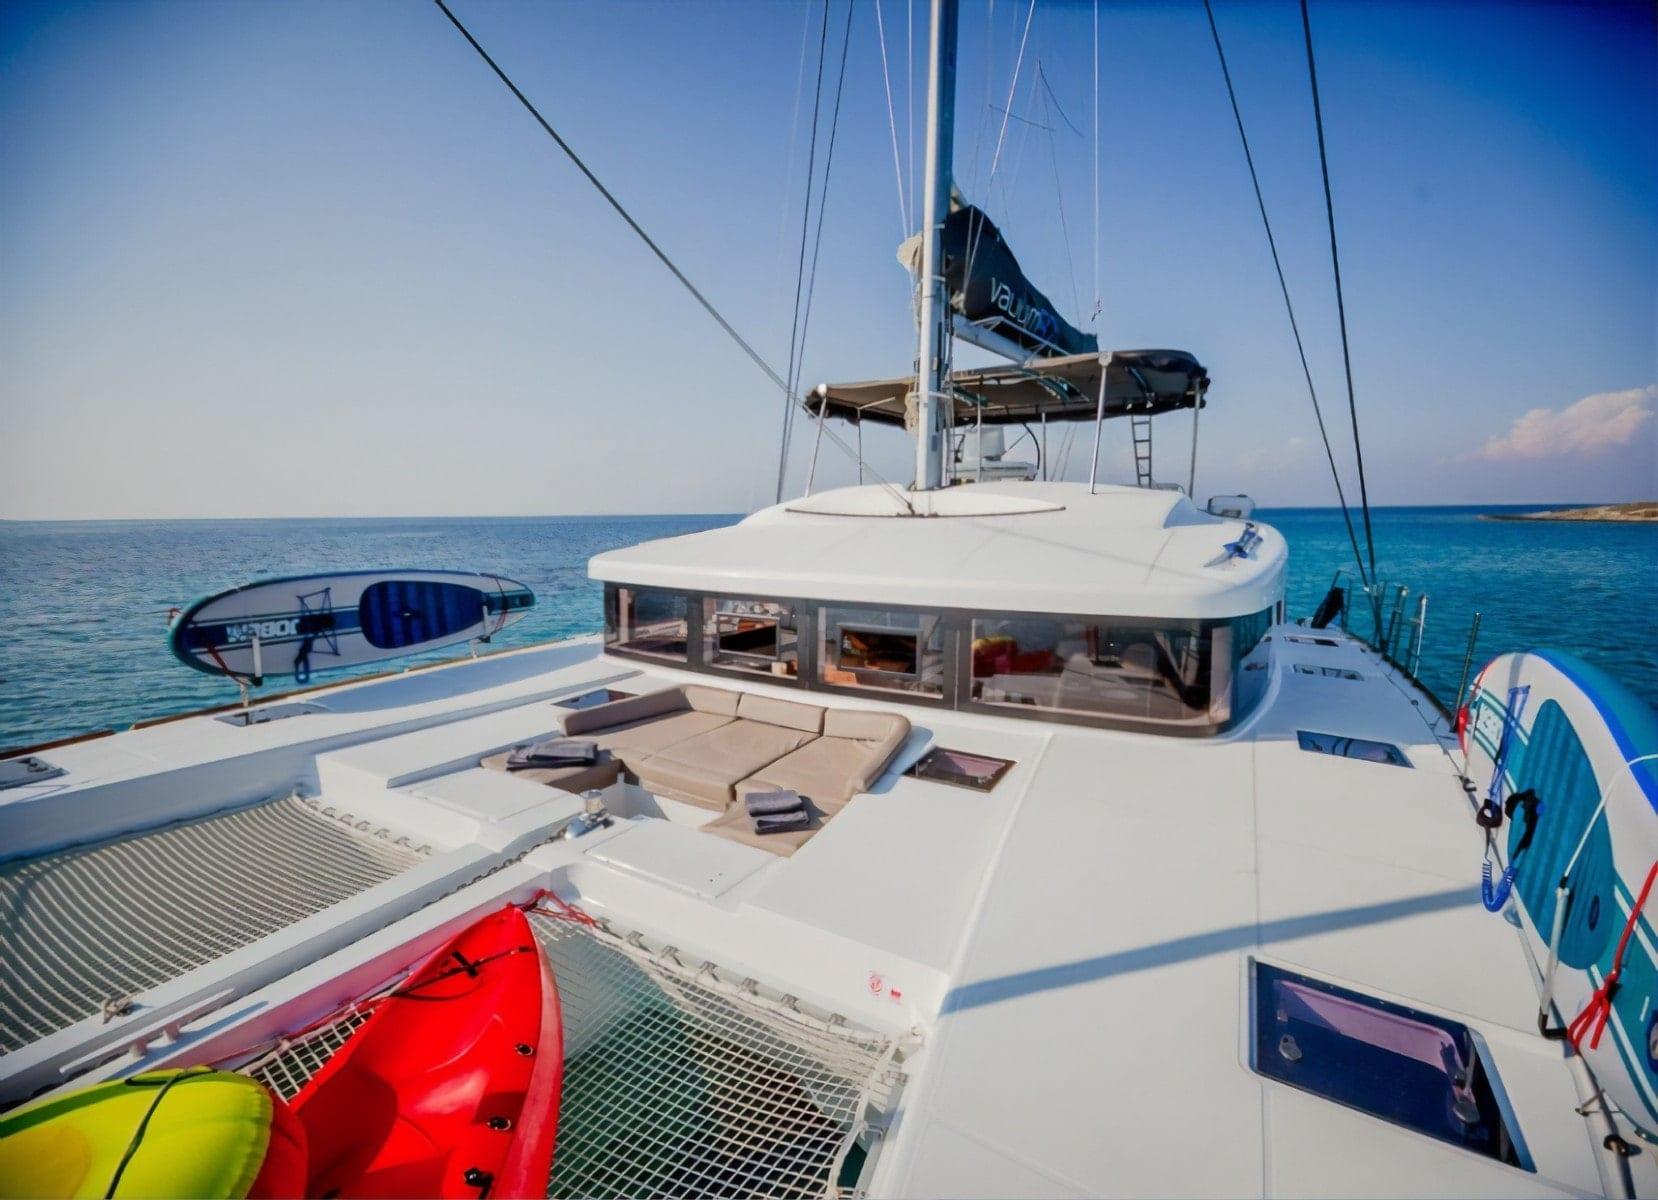 valium 52 catamaran net - Valef Yachts Chartering